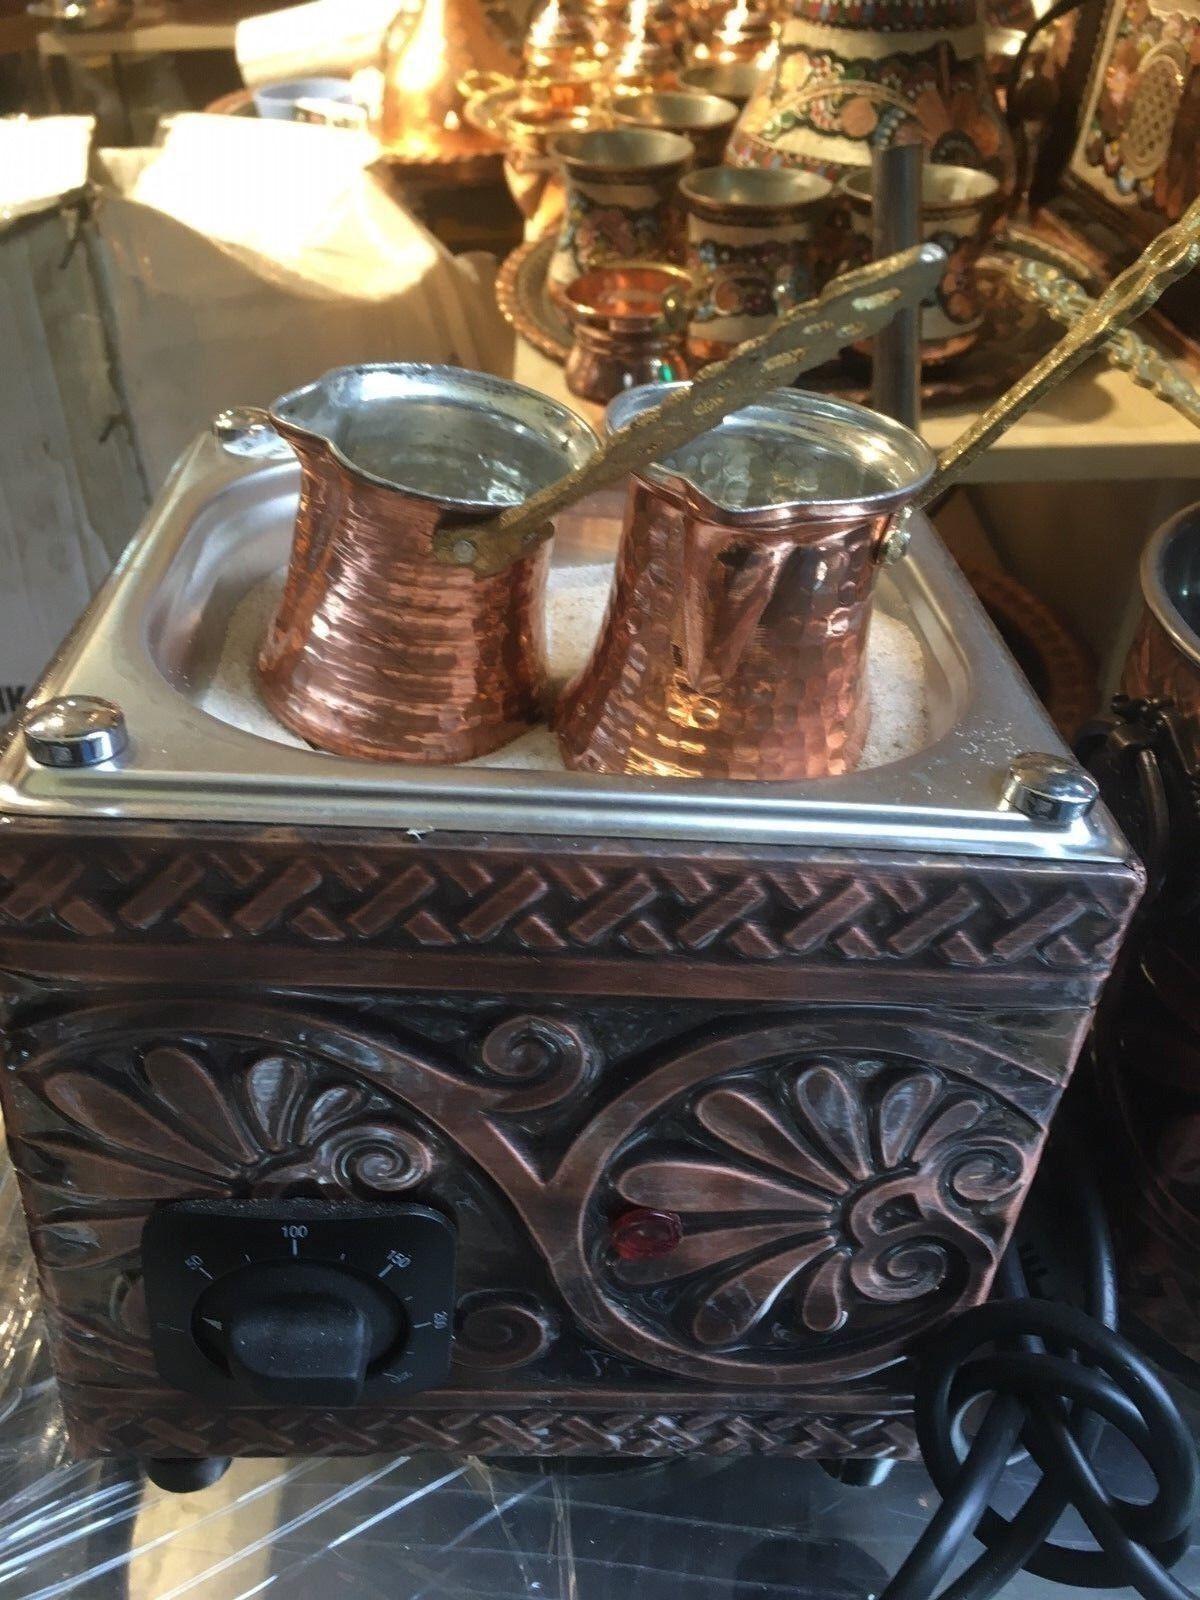 Turc Arabe cuivre Hot Sand Cafetière Café Chauffe Authentique kumda kahve